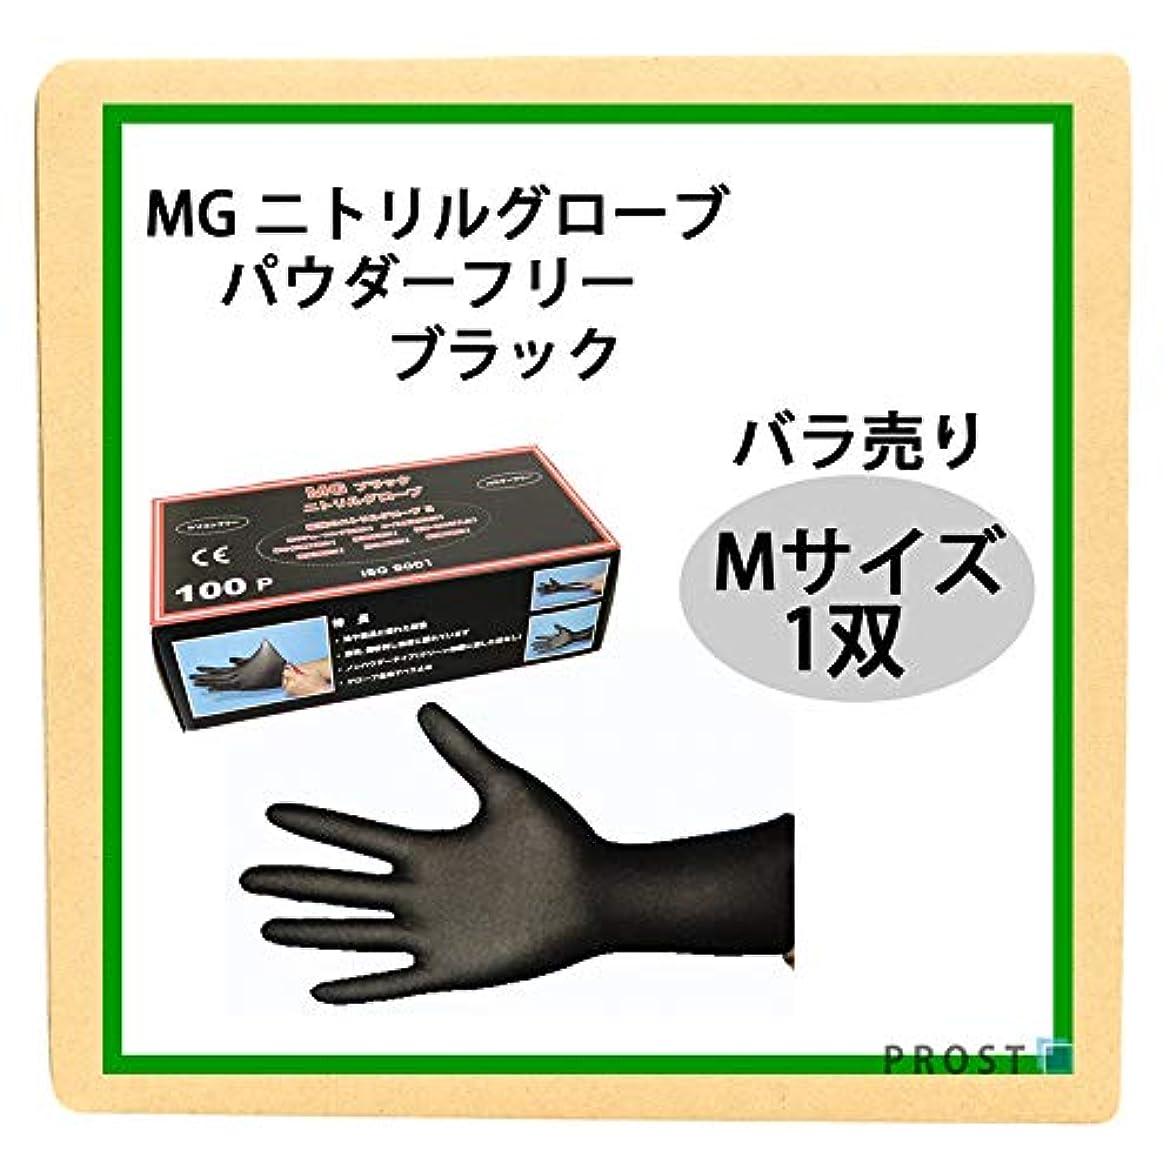 マダムラフレシアアルノルディバッジMG ニトリルグローブ ブラック パウダー フリー Mサイズ 1双/ニトリル手袋 ゴム手袋 塗装 オイル ニトリルゴム